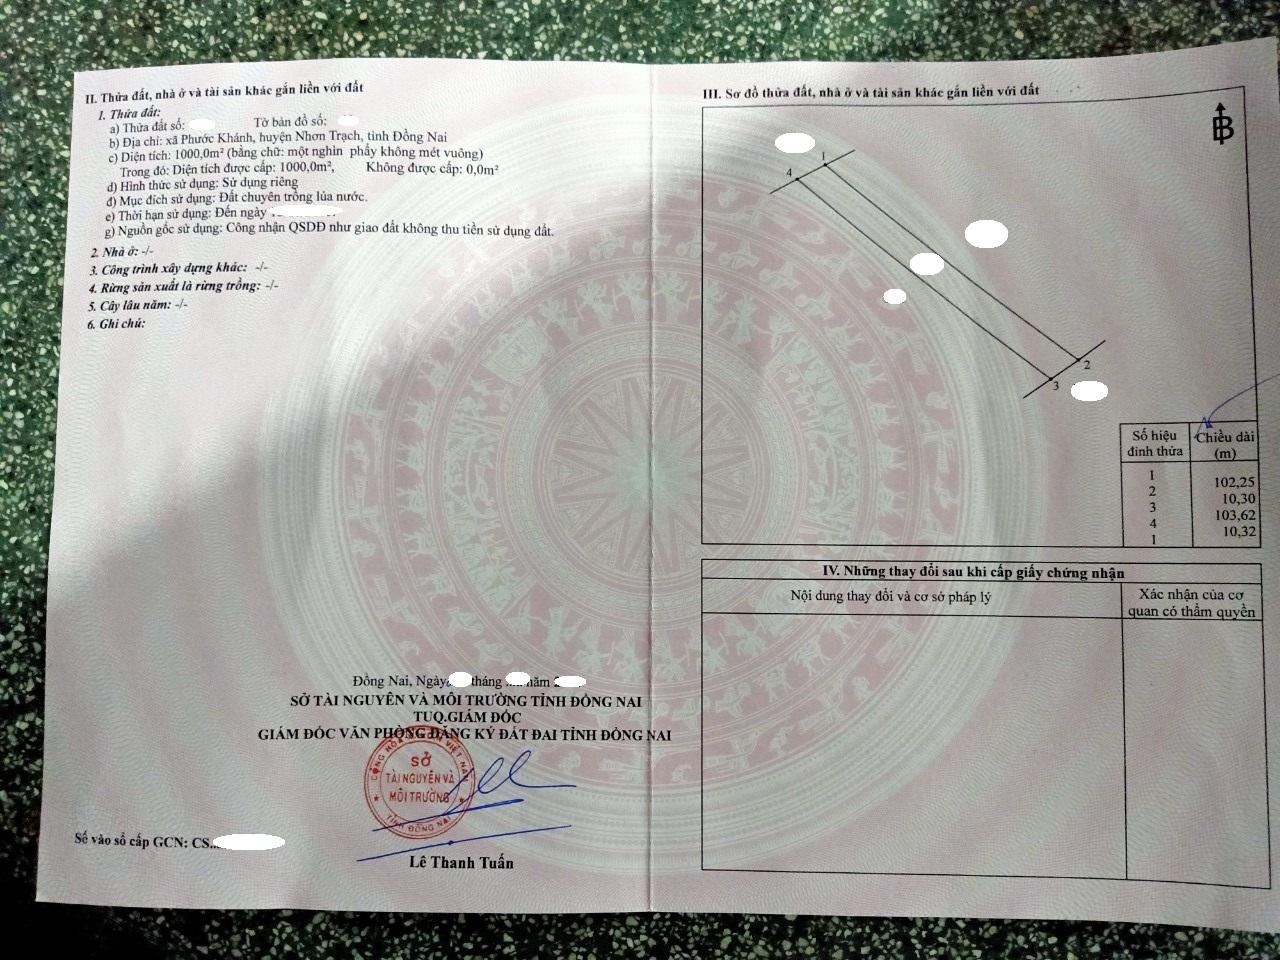 Cần bán 1.000 m2 đất Lúa xã Phước Khánh chỉ 650 triệu!